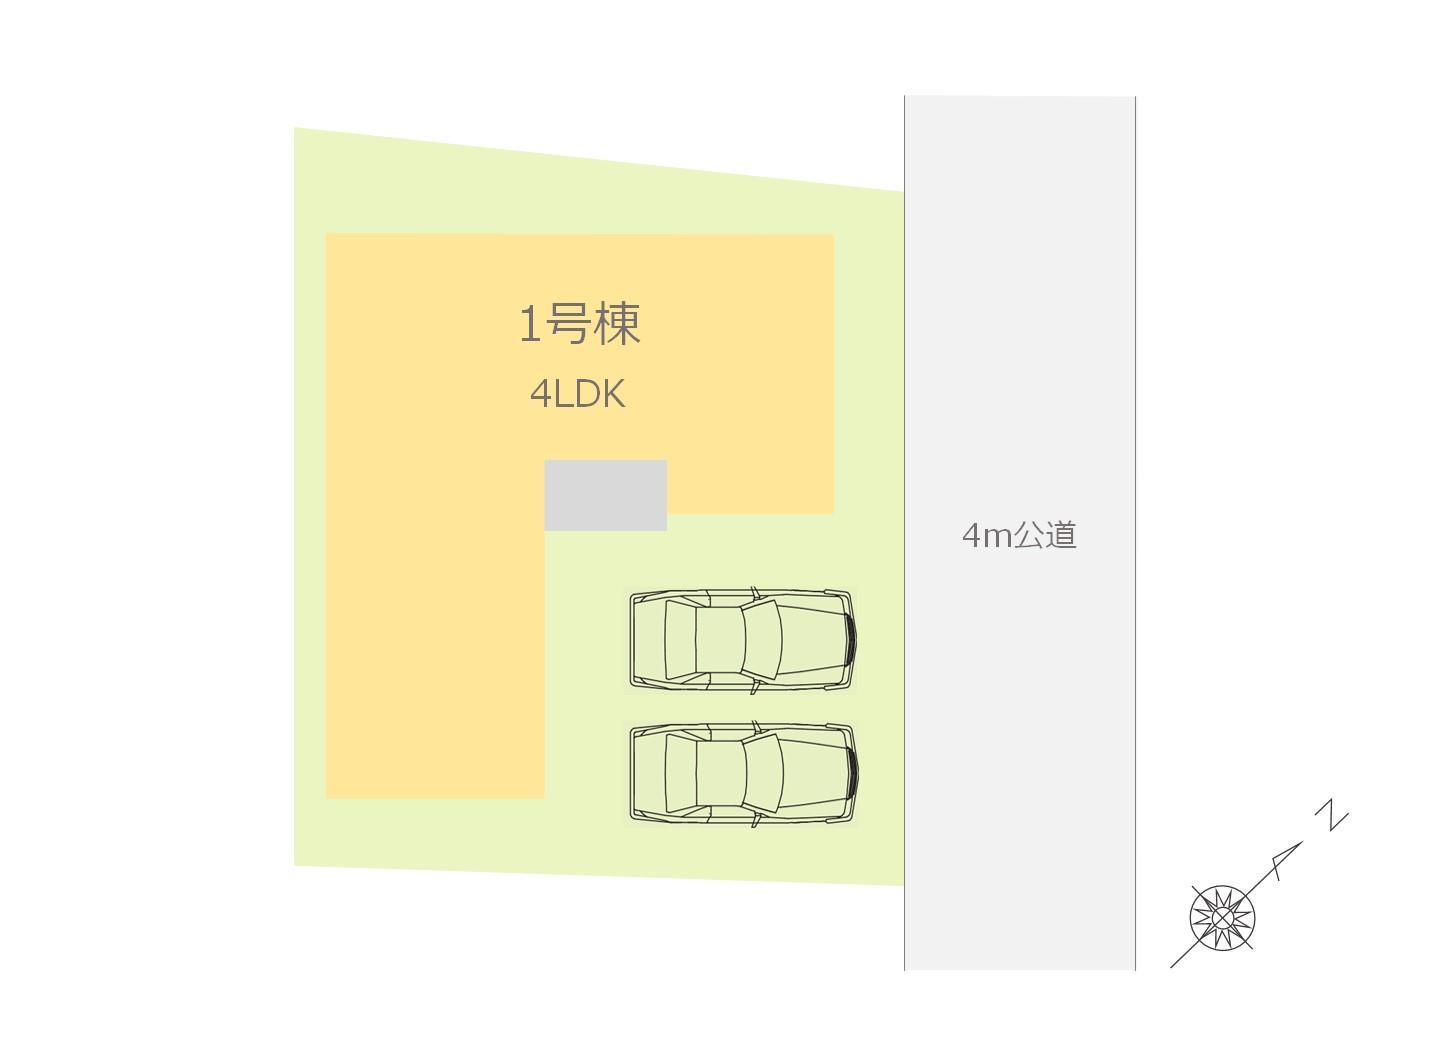 【配置図】:低層の住宅が立並ぶ静かな住宅街!!MEGAドン・キホーテ徒歩13分の生活に便利な立地、身近に自然も感じるのびのびとした住環境です♪